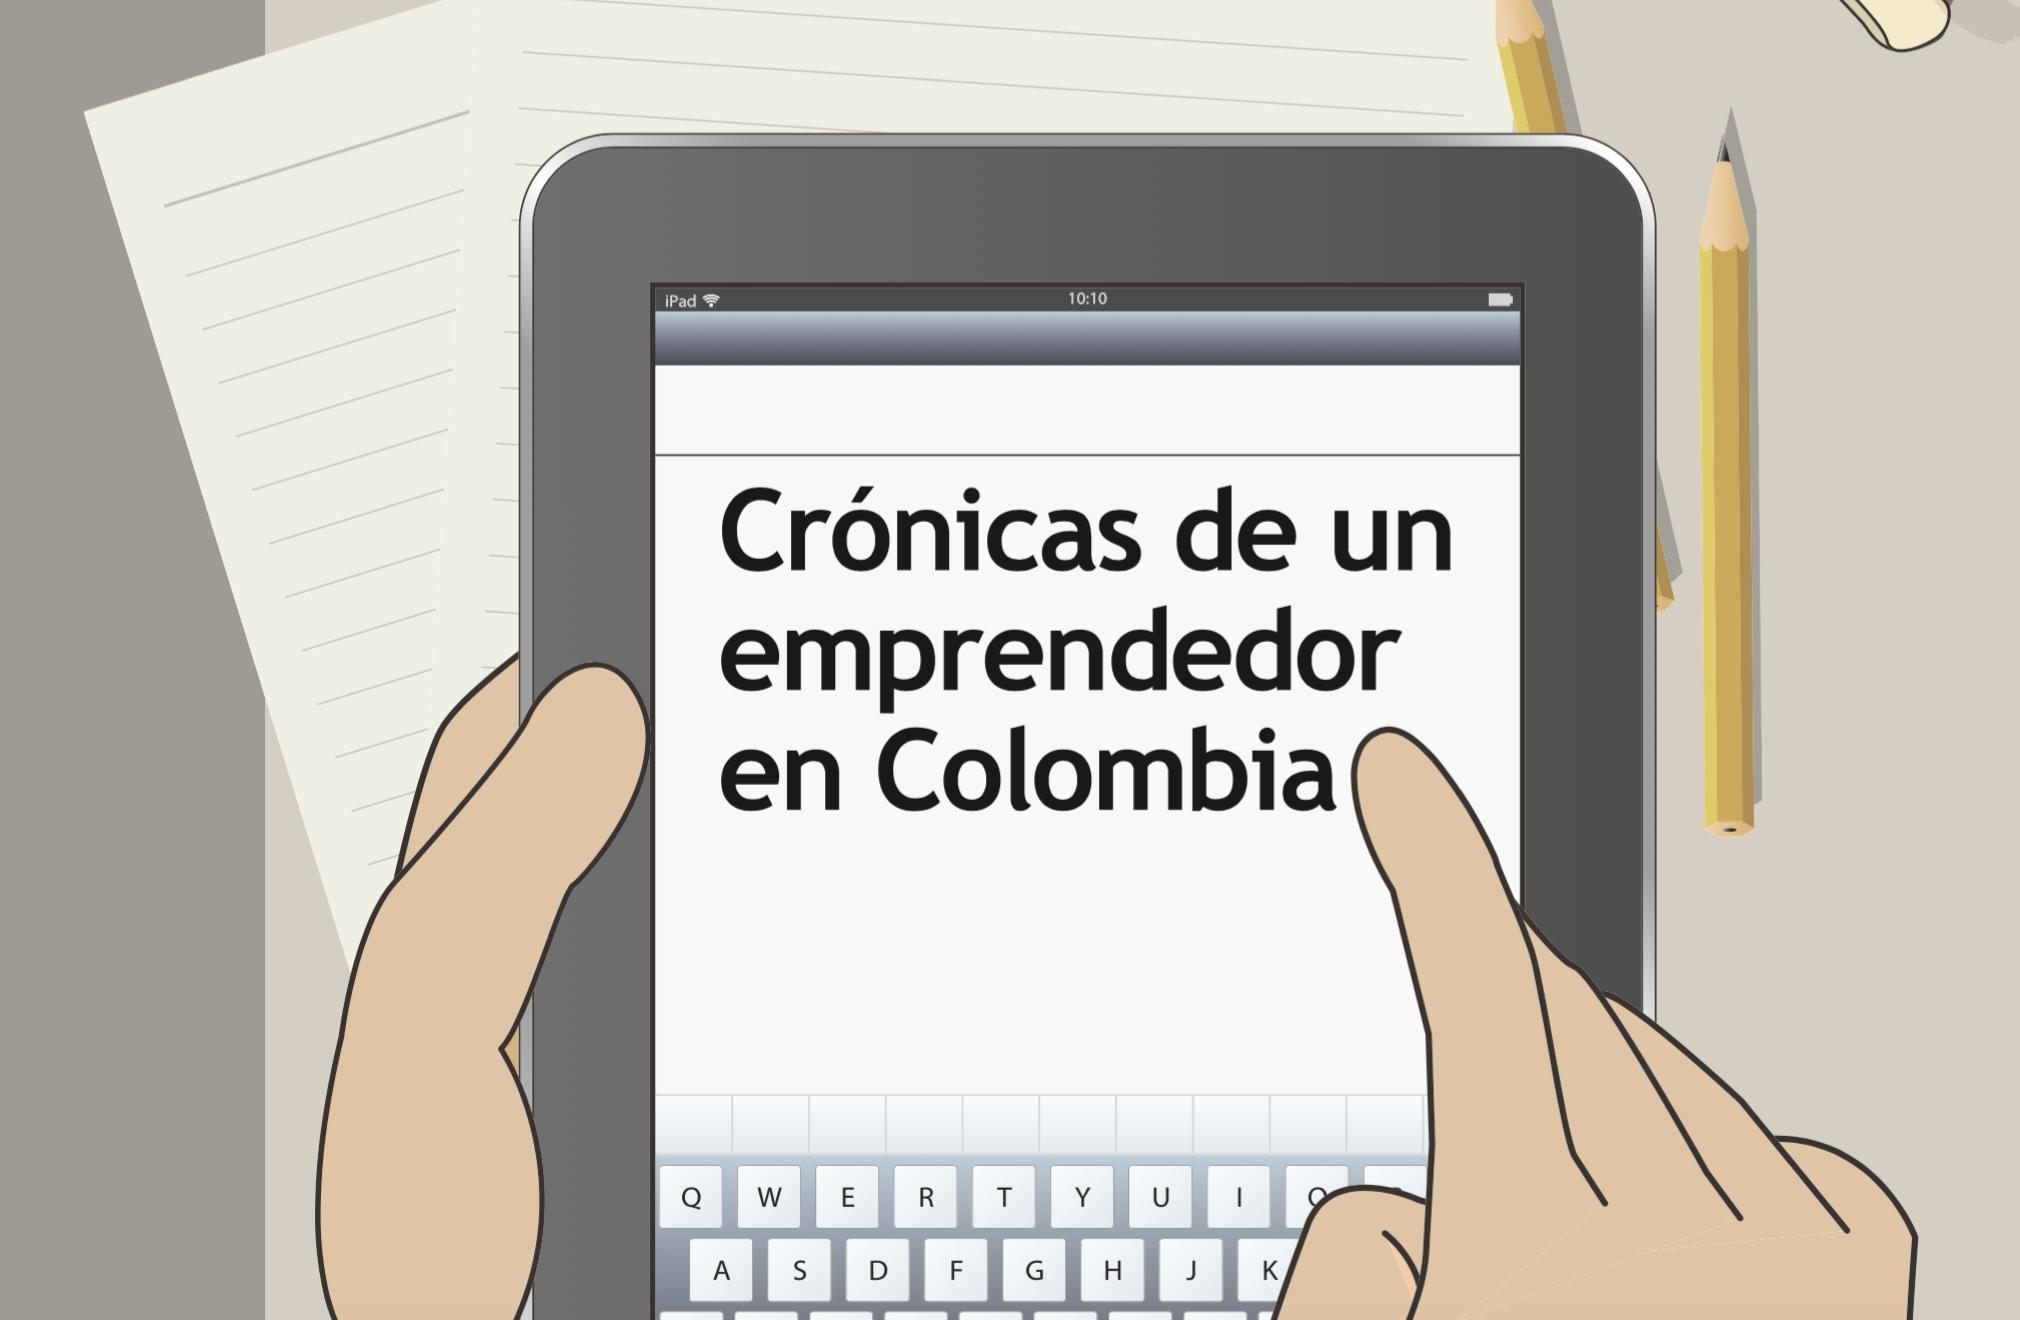 Crónicas de un emprendedor en Colombia